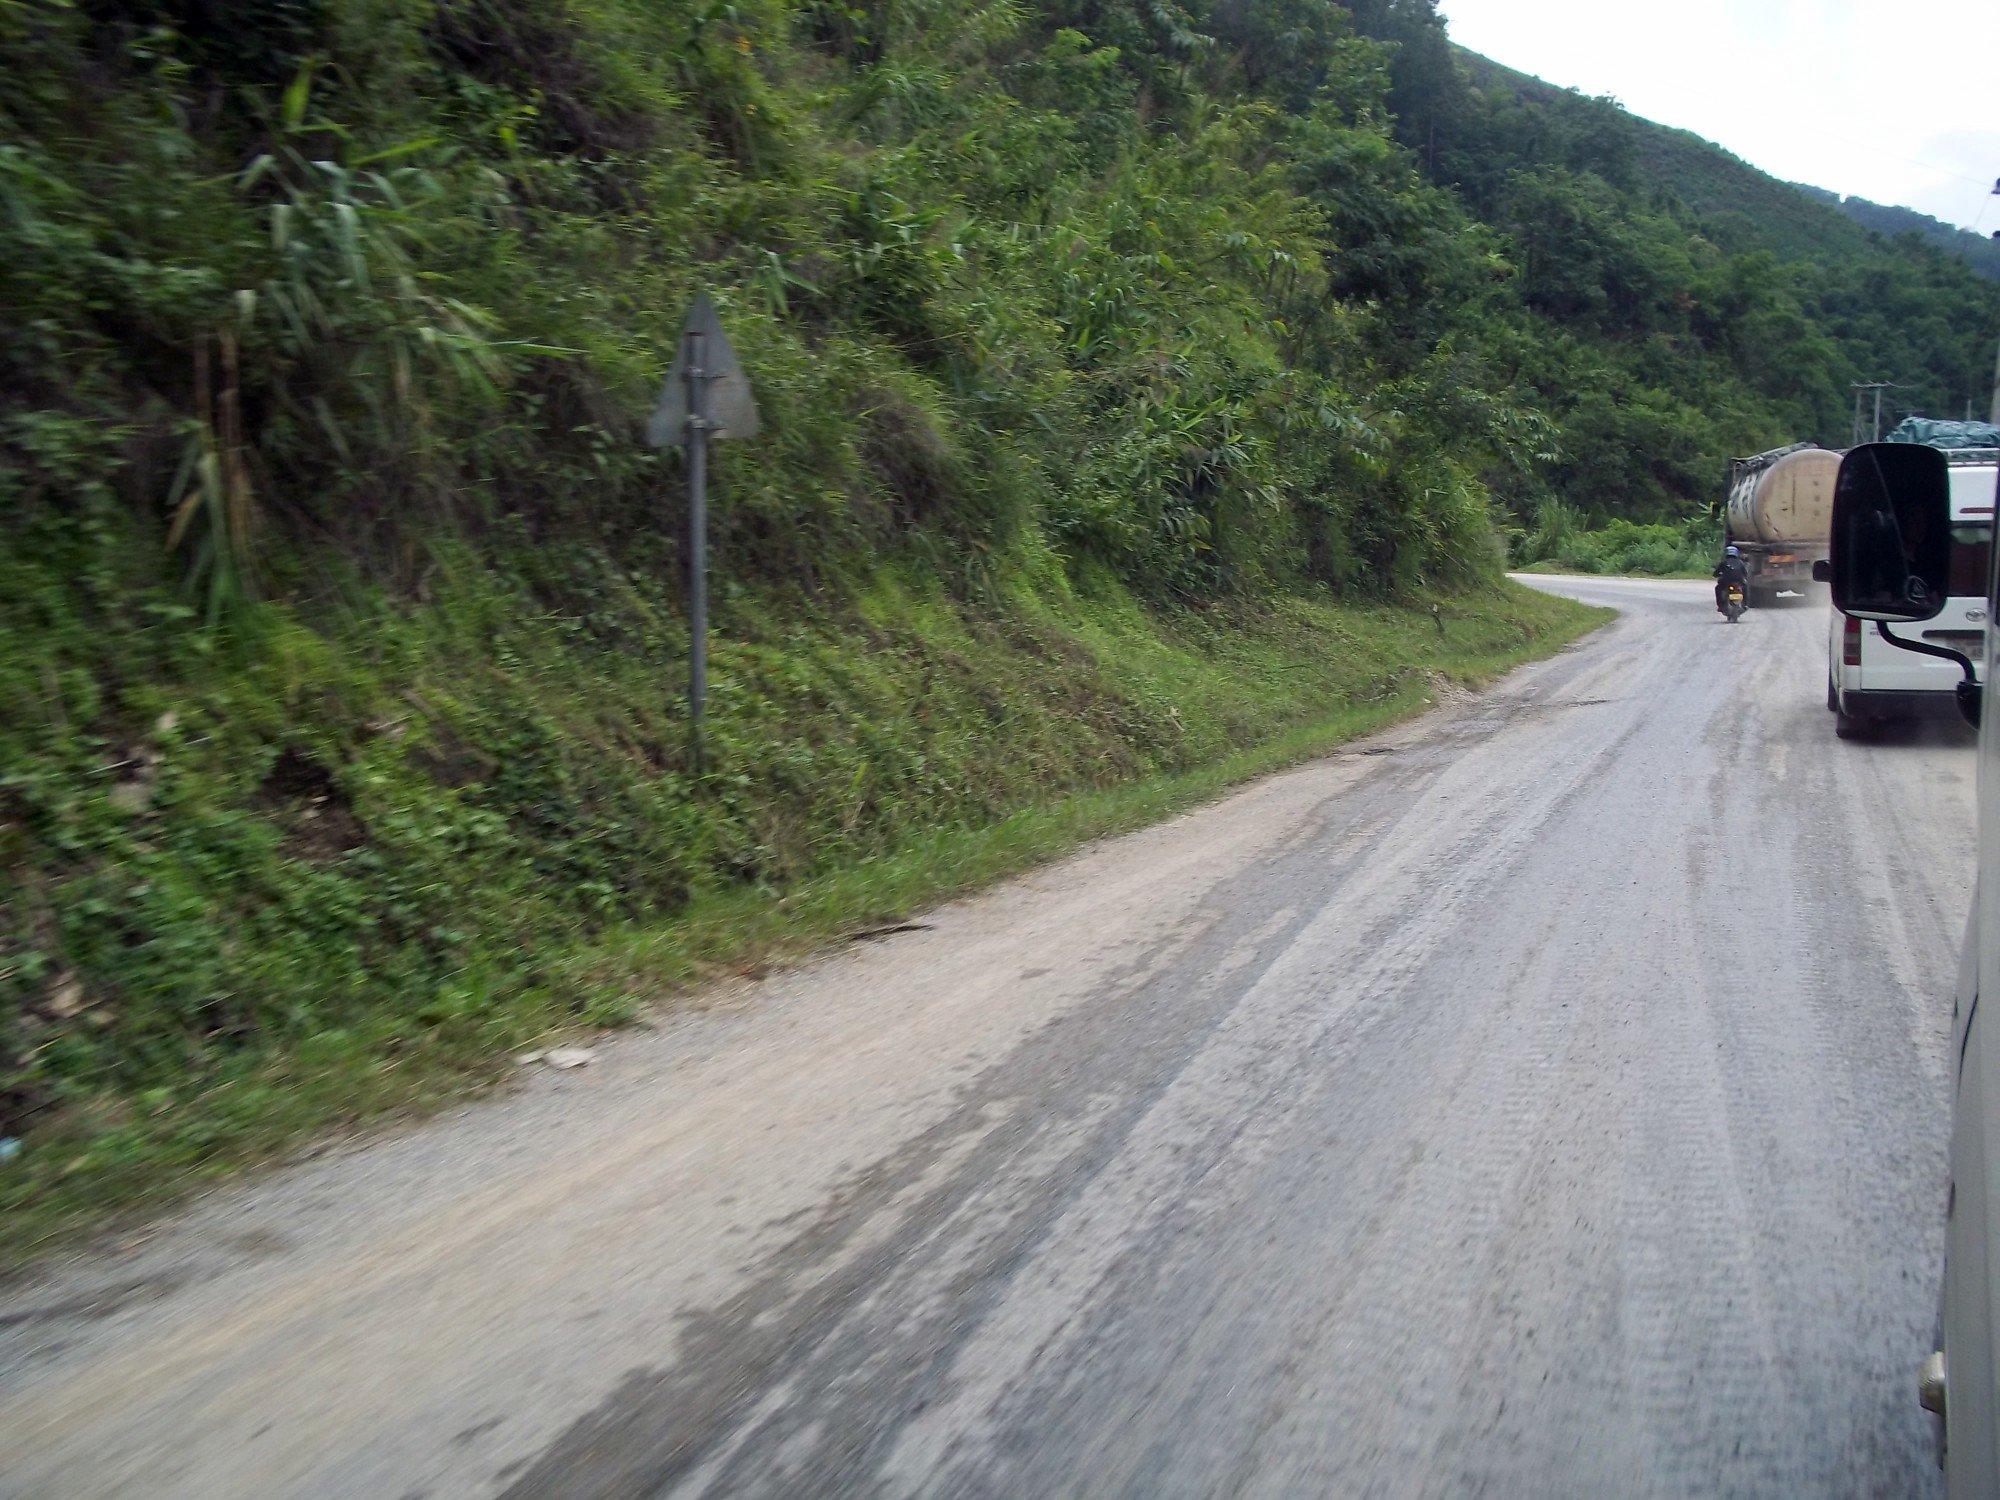 Narrow and busy road from Luang Prabang to Phonsavan